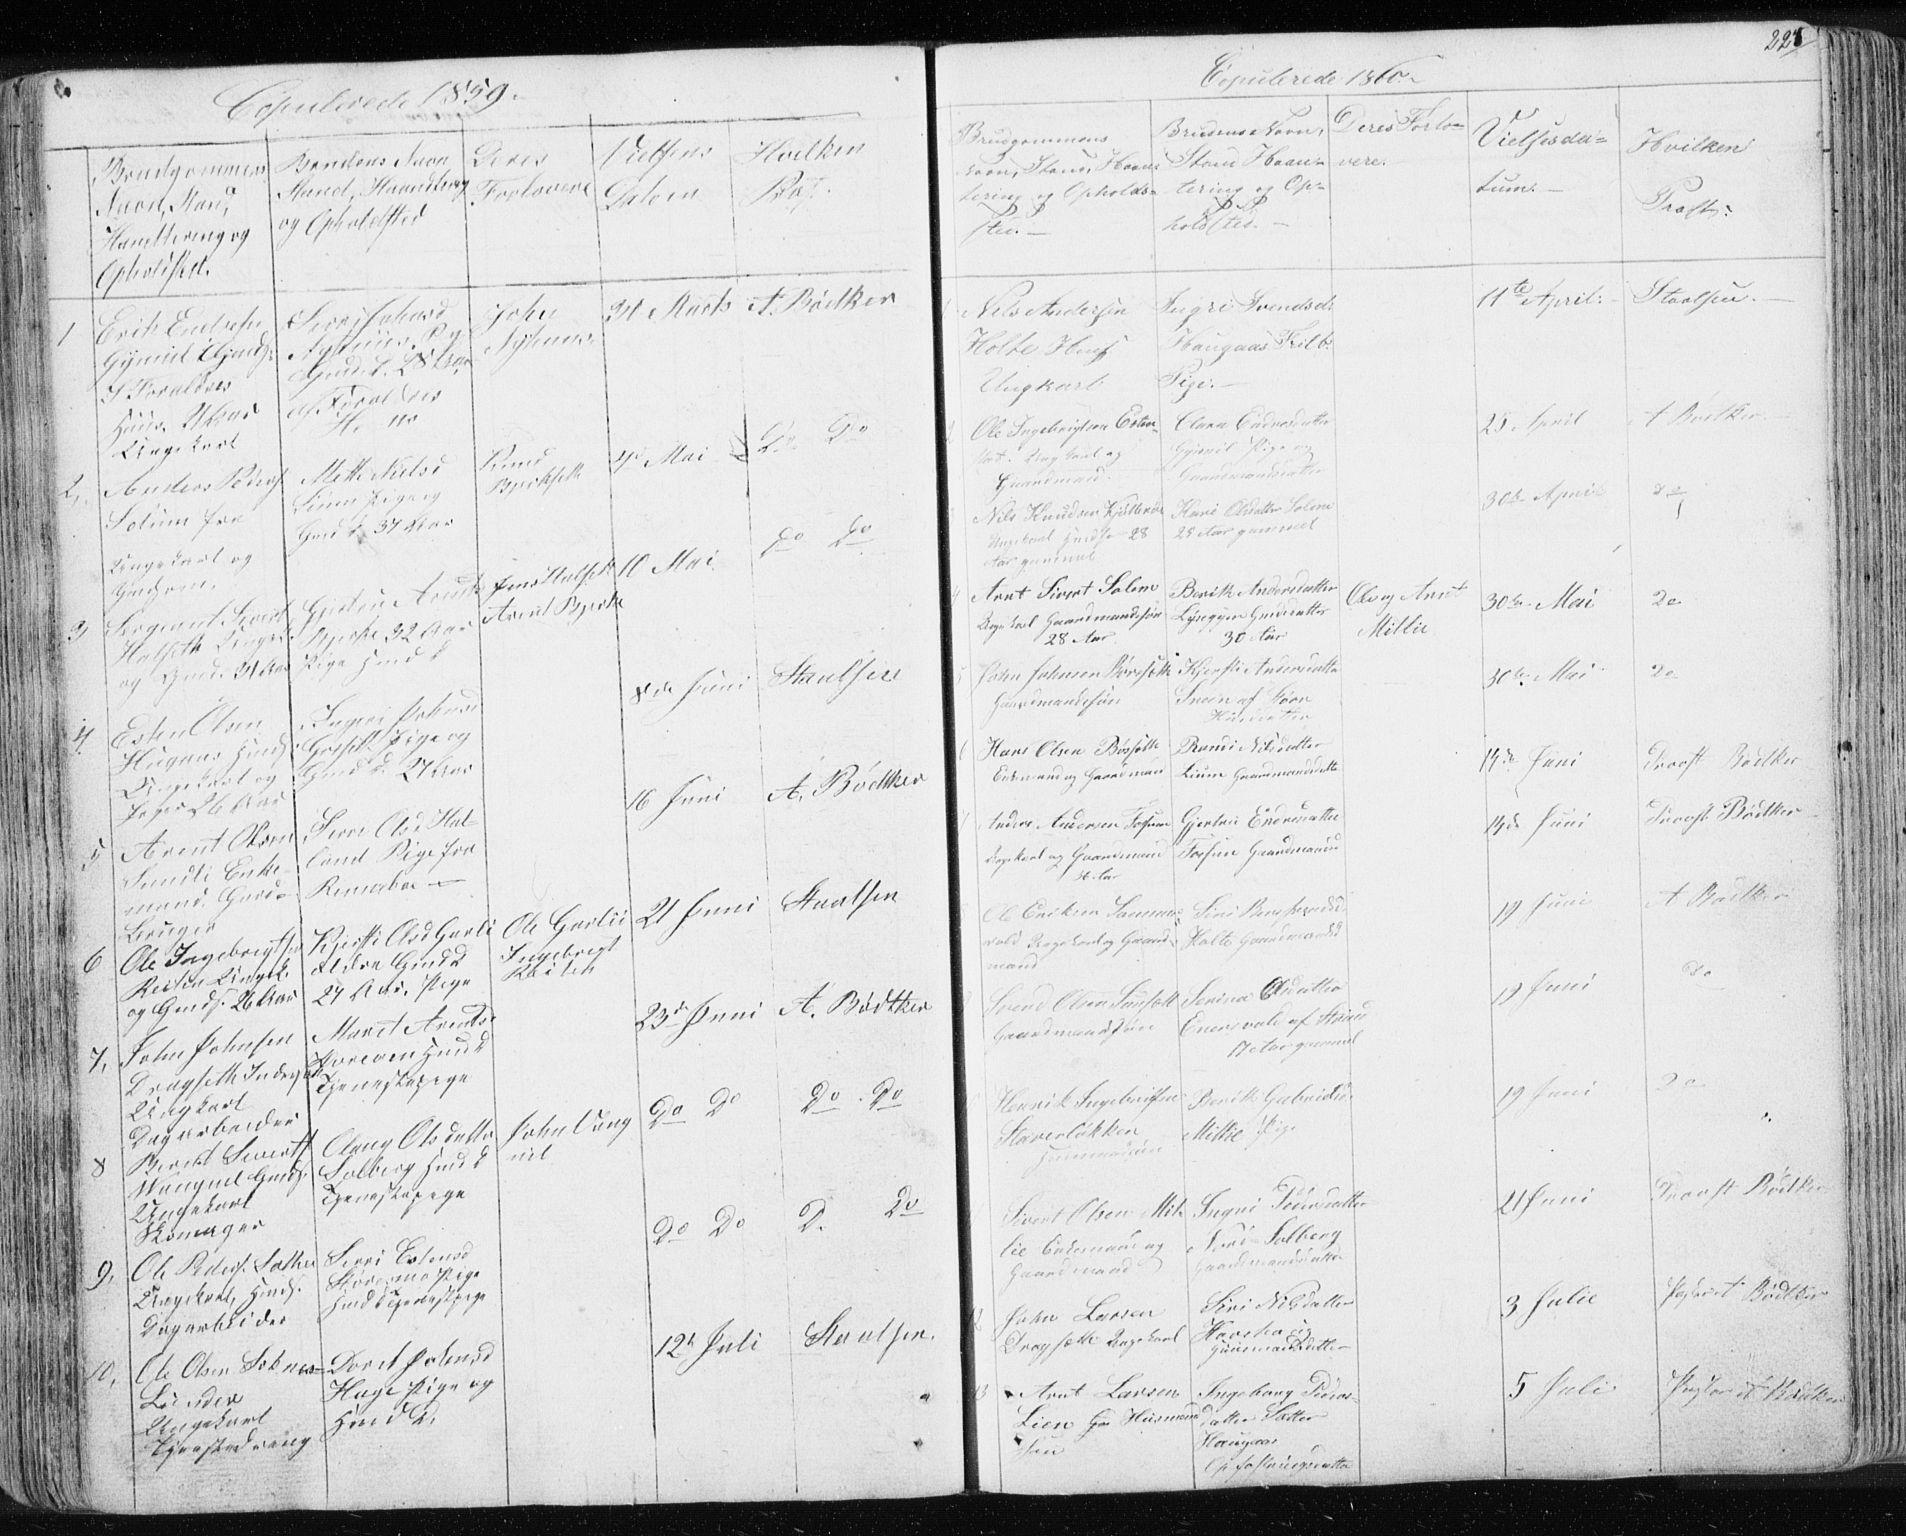 SAT, Ministerialprotokoller, klokkerbøker og fødselsregistre - Sør-Trøndelag, 689/L1043: Klokkerbok nr. 689C02, 1816-1892, s. 224